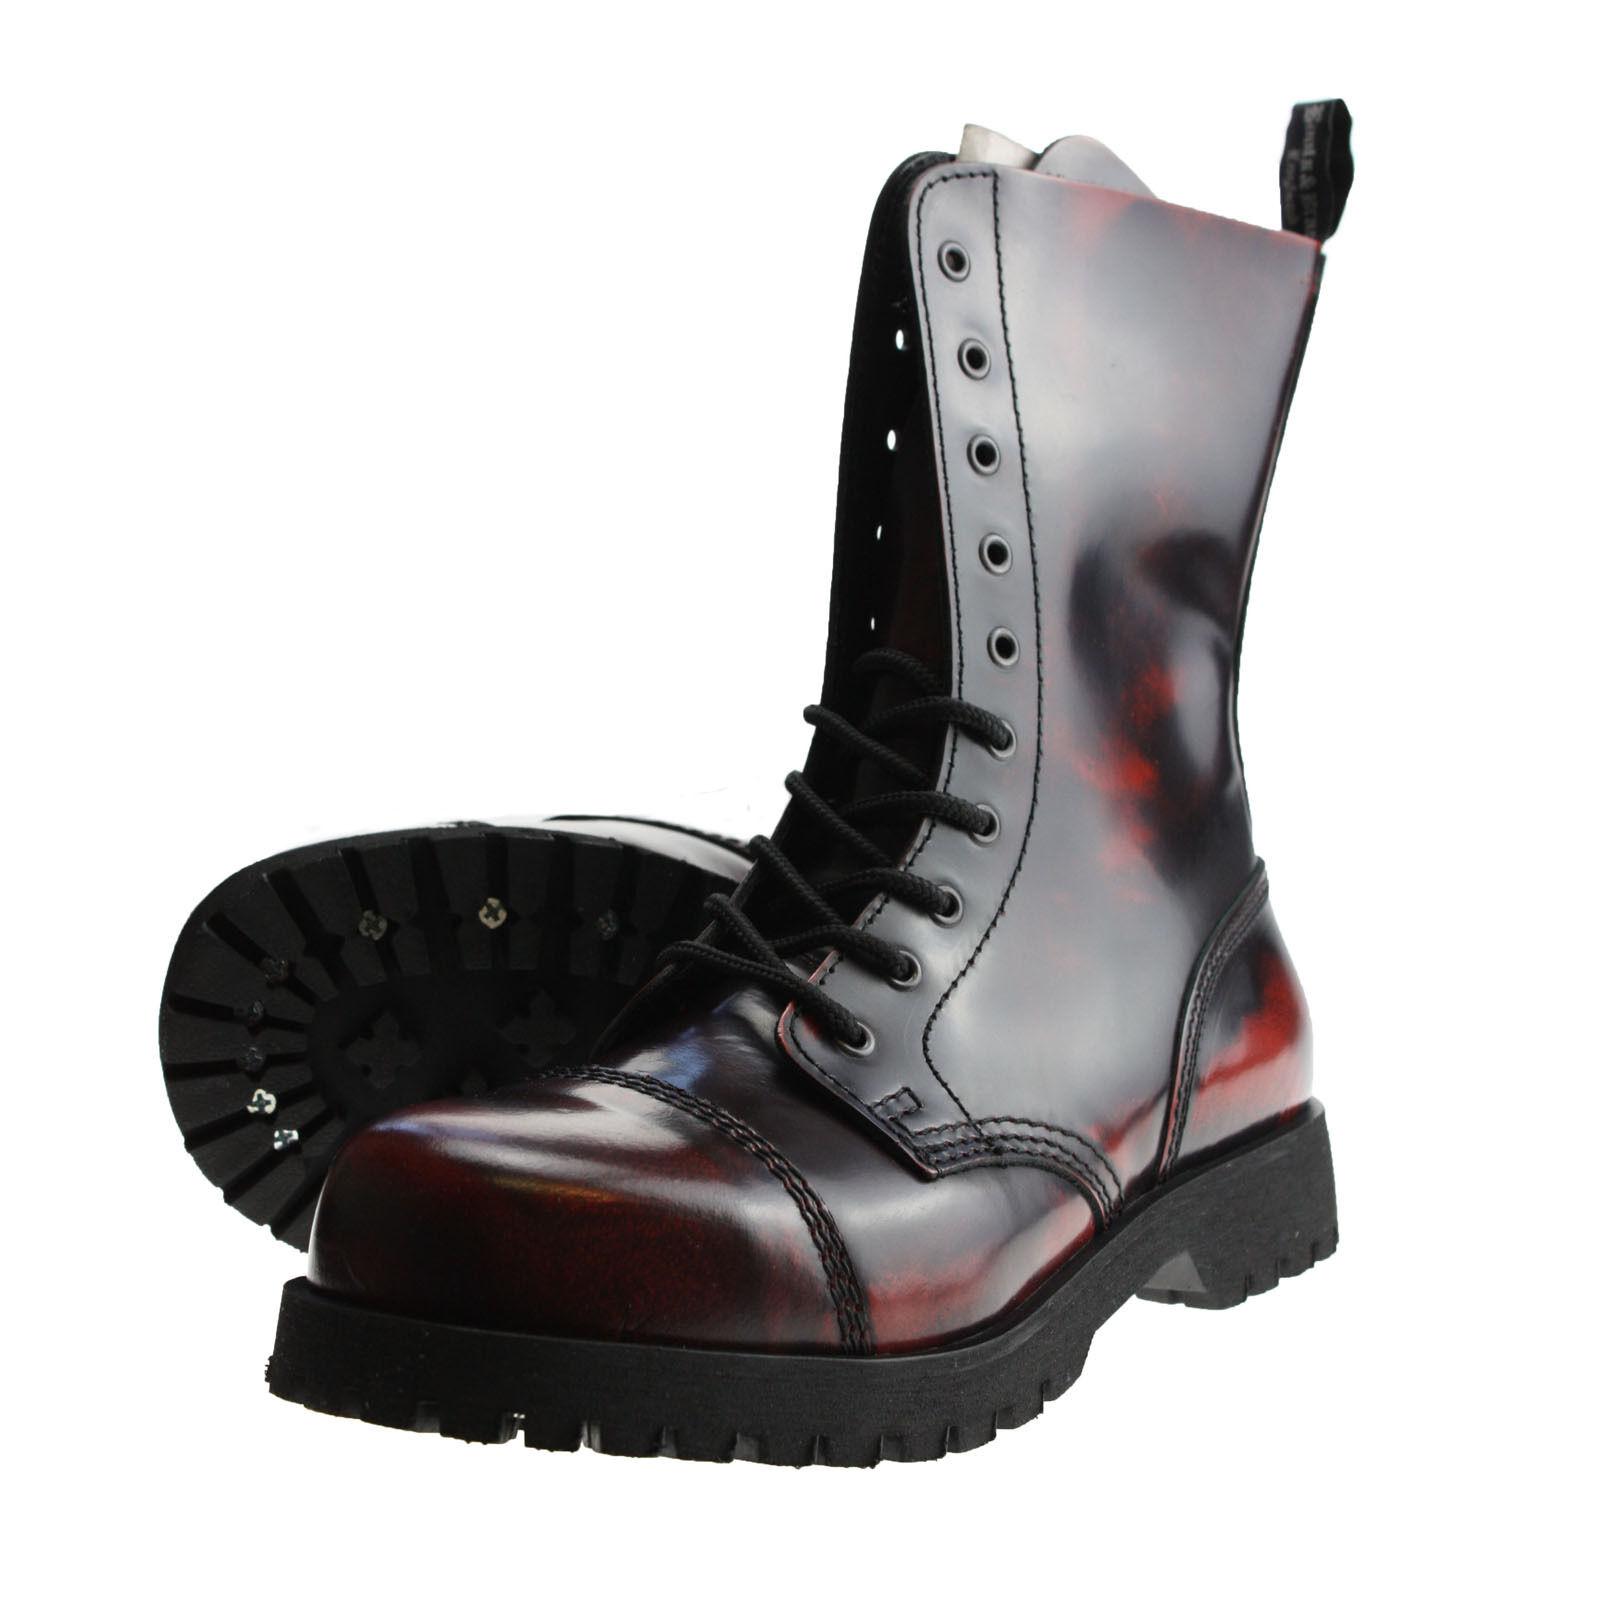 Grandes zapatos con descuento Botas y Tirantes campo de 10 hoyos Burdeos frotar apagado Saltador Botas Rangers